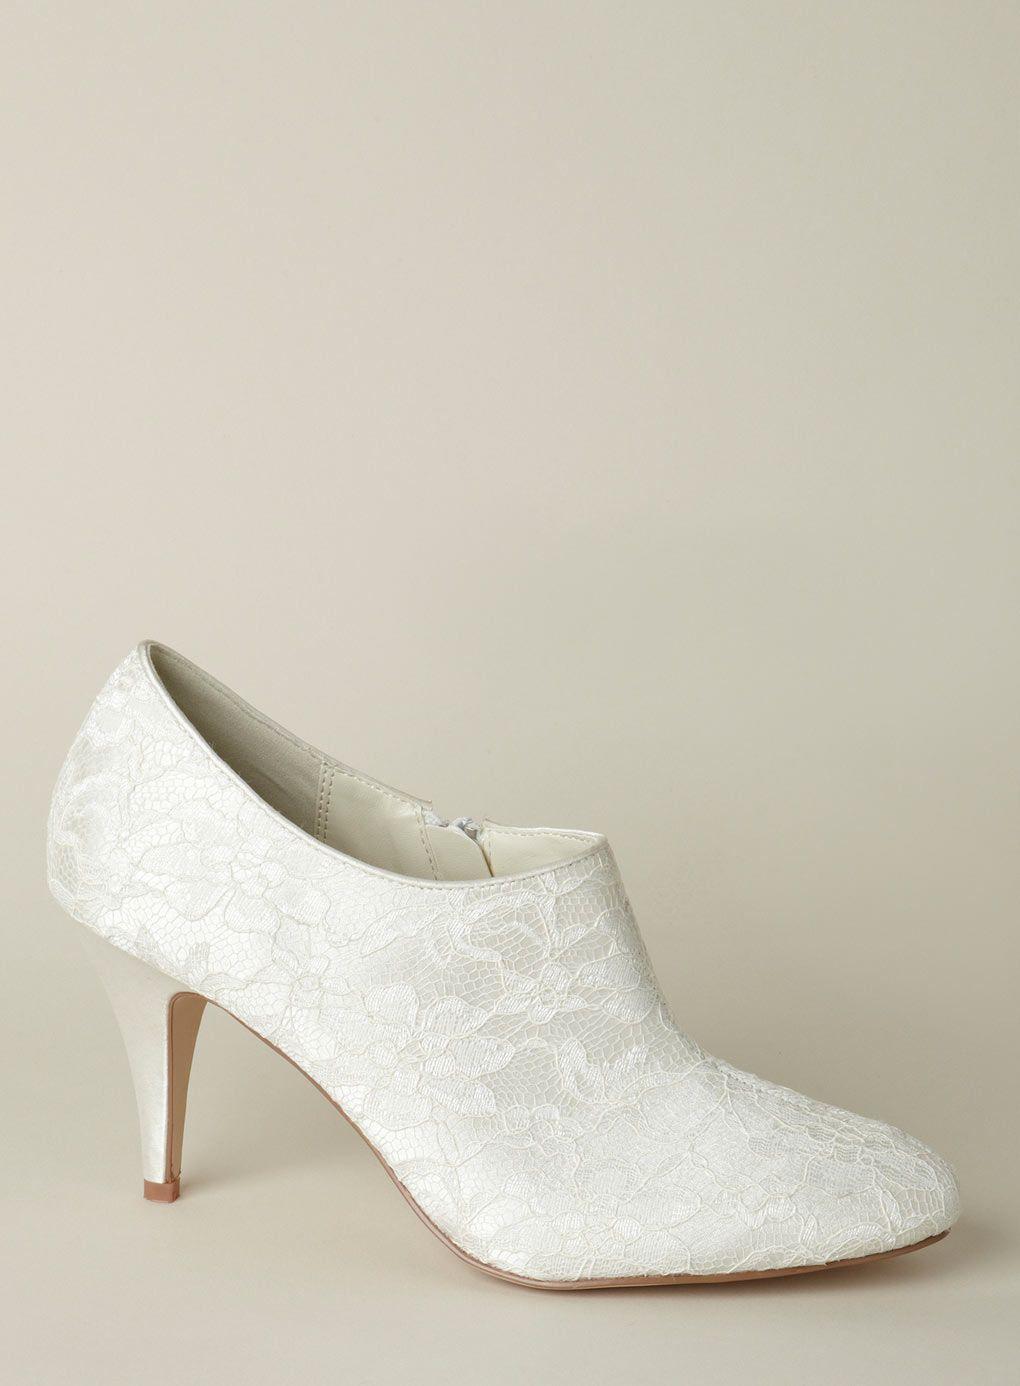 1350 Bhs Sale Bridal Shoes Pinterest Bhs Sale Product